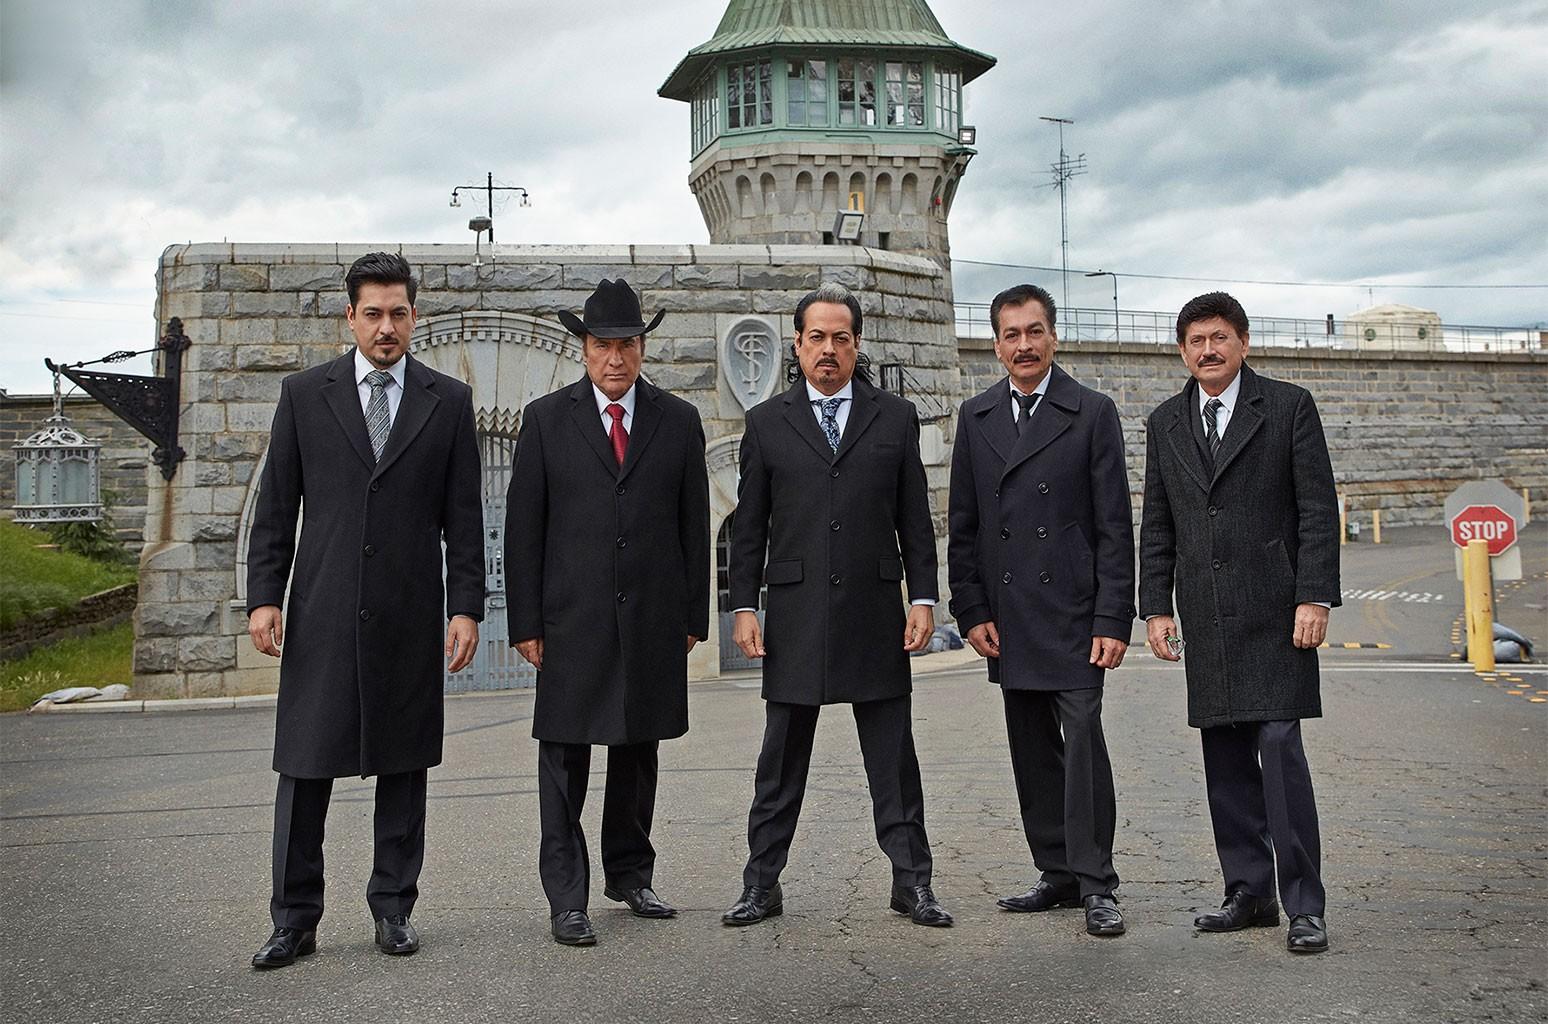 Los Tigres at Folsom Prison